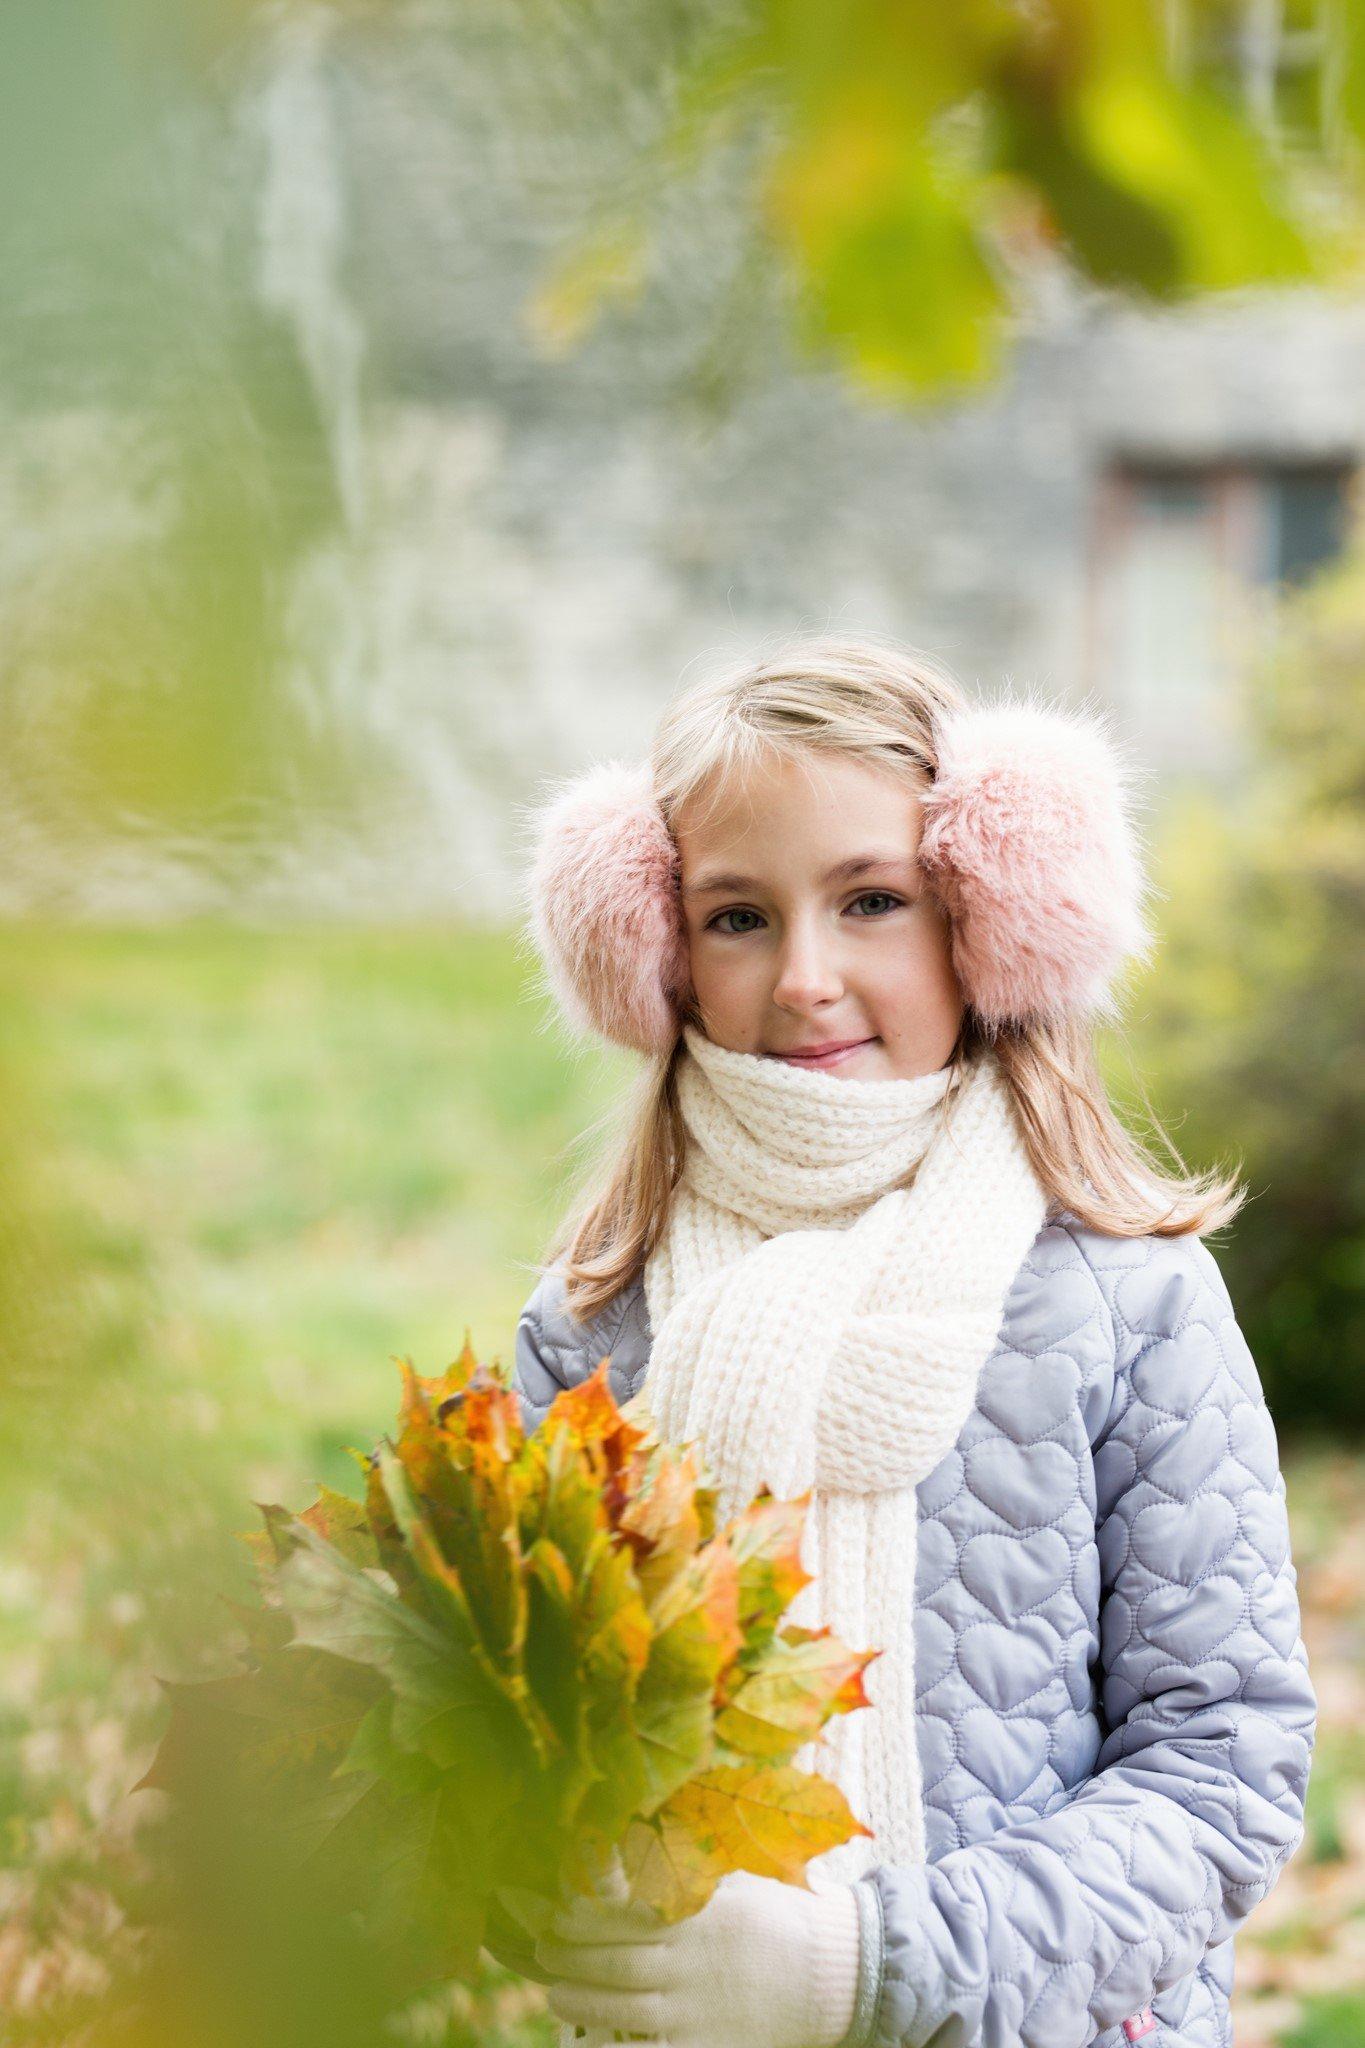 Tänase vähilaste päeva puhul meenutas organisatsioon Minu Unistuste Päev Annabelile, tüdrukule, kelle võitlusele elas kaasa kogu Eestimaa, korraldatud unistuste